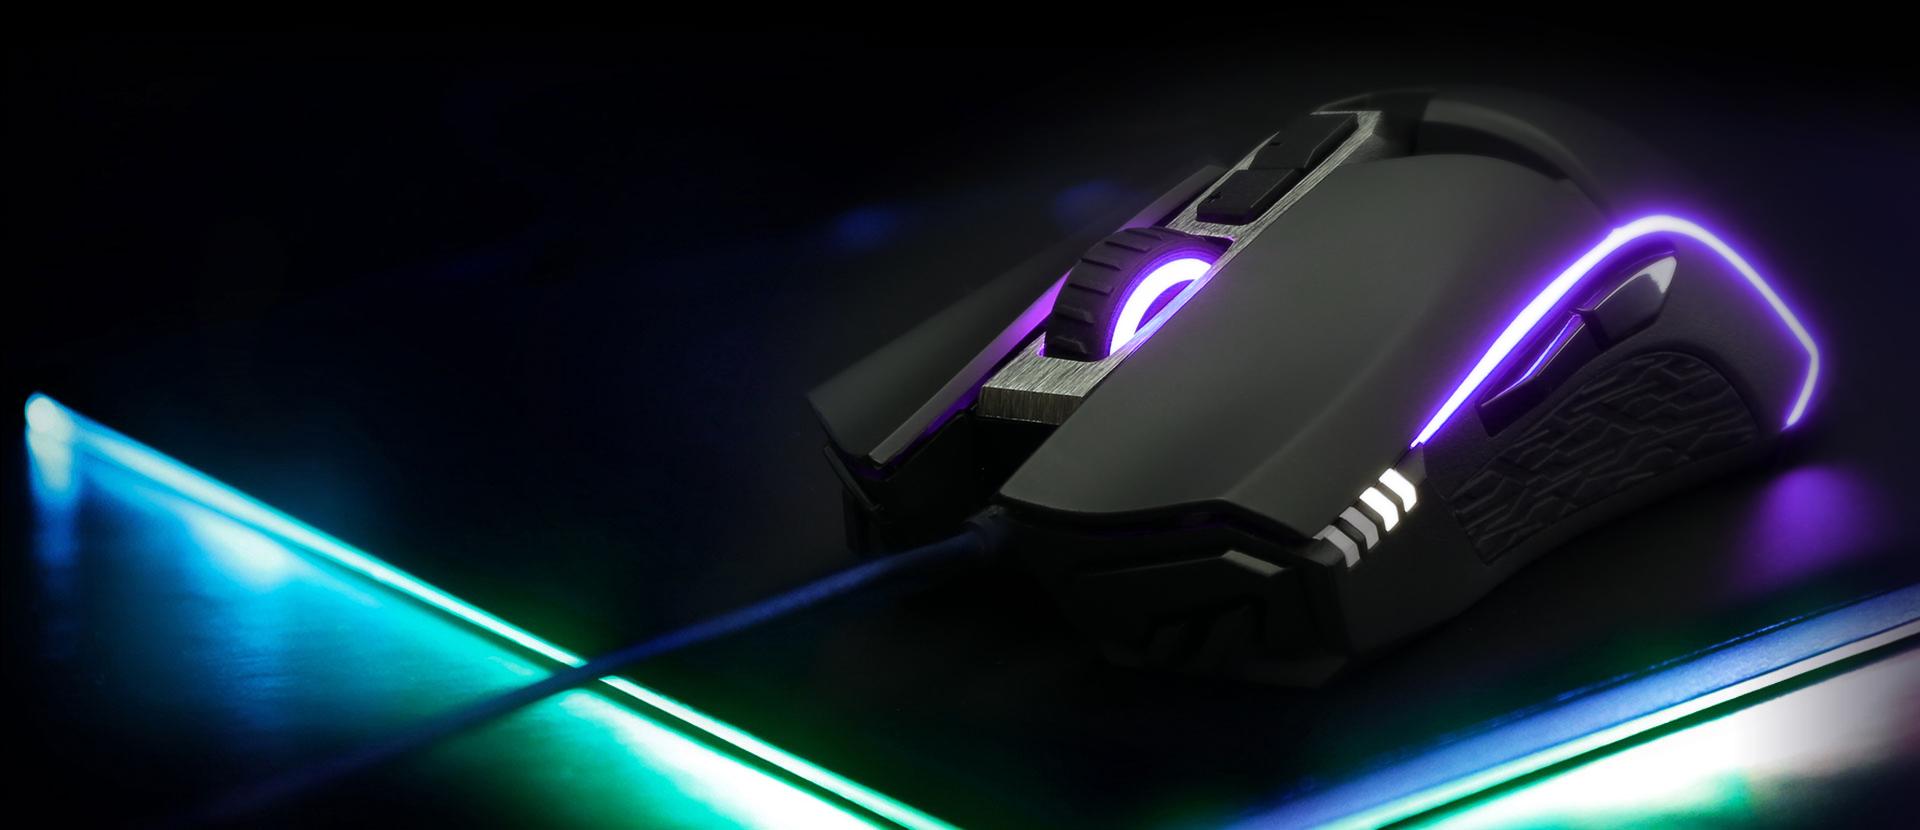 Megemlítendő még az 50 millió kattintásra hitelesített Omron kapcsoló használata, illetve az állítható súly is, hiszen a mellékelt súlyokat az egér aljába építhetjük be, így pedig 118 és 130,5 gramm közötti súlyt kaphatunk. A mai igényeknek megfelelően természetesen az RGB világítás sem maradt el, melynek hála a többi Gigabyte termékkel szinkronban használhatjuk majd a terméket.